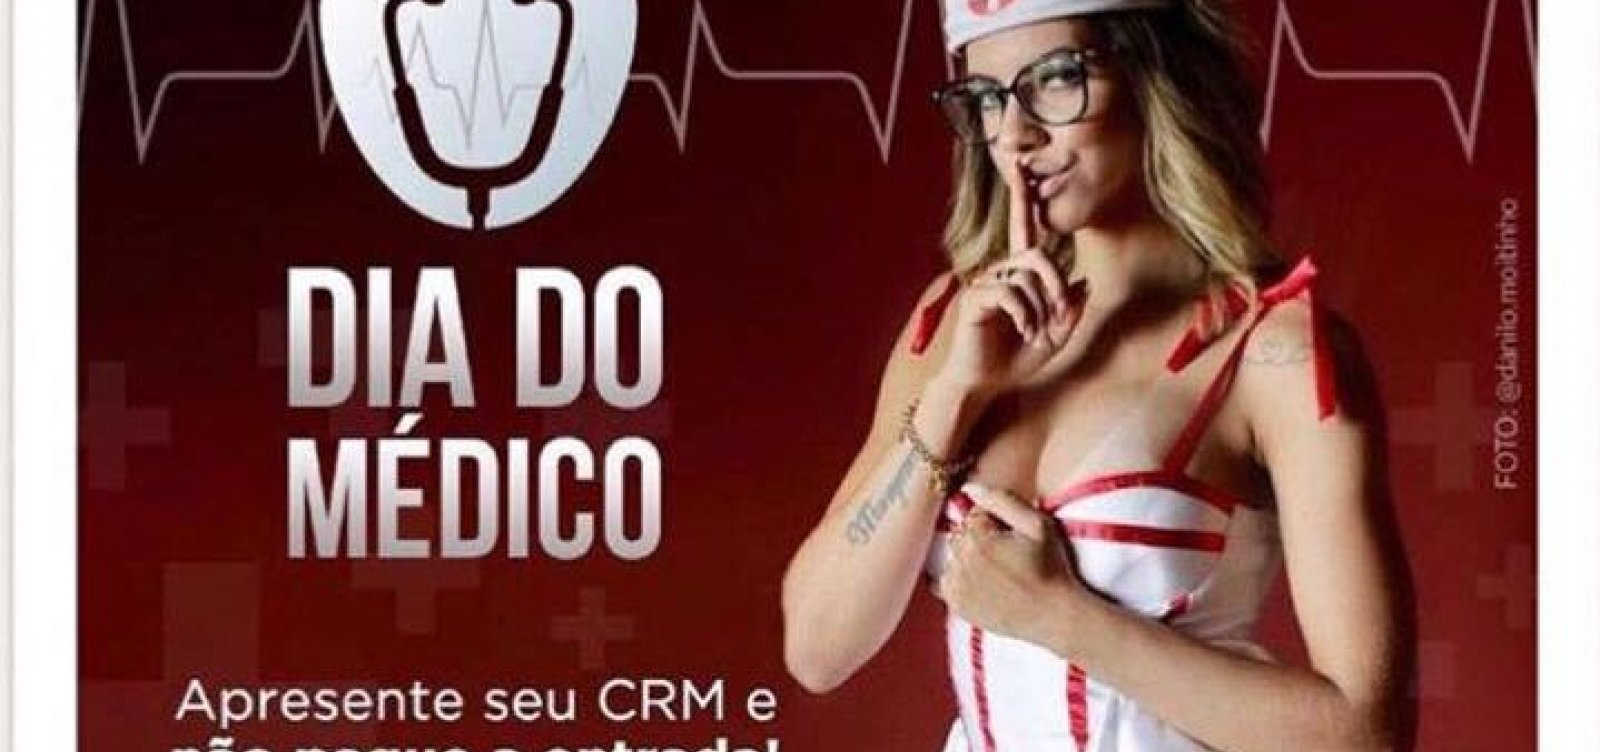 [Clube adulto em Salvador usa 'enfermeira' em outdoor e revolta entidades]